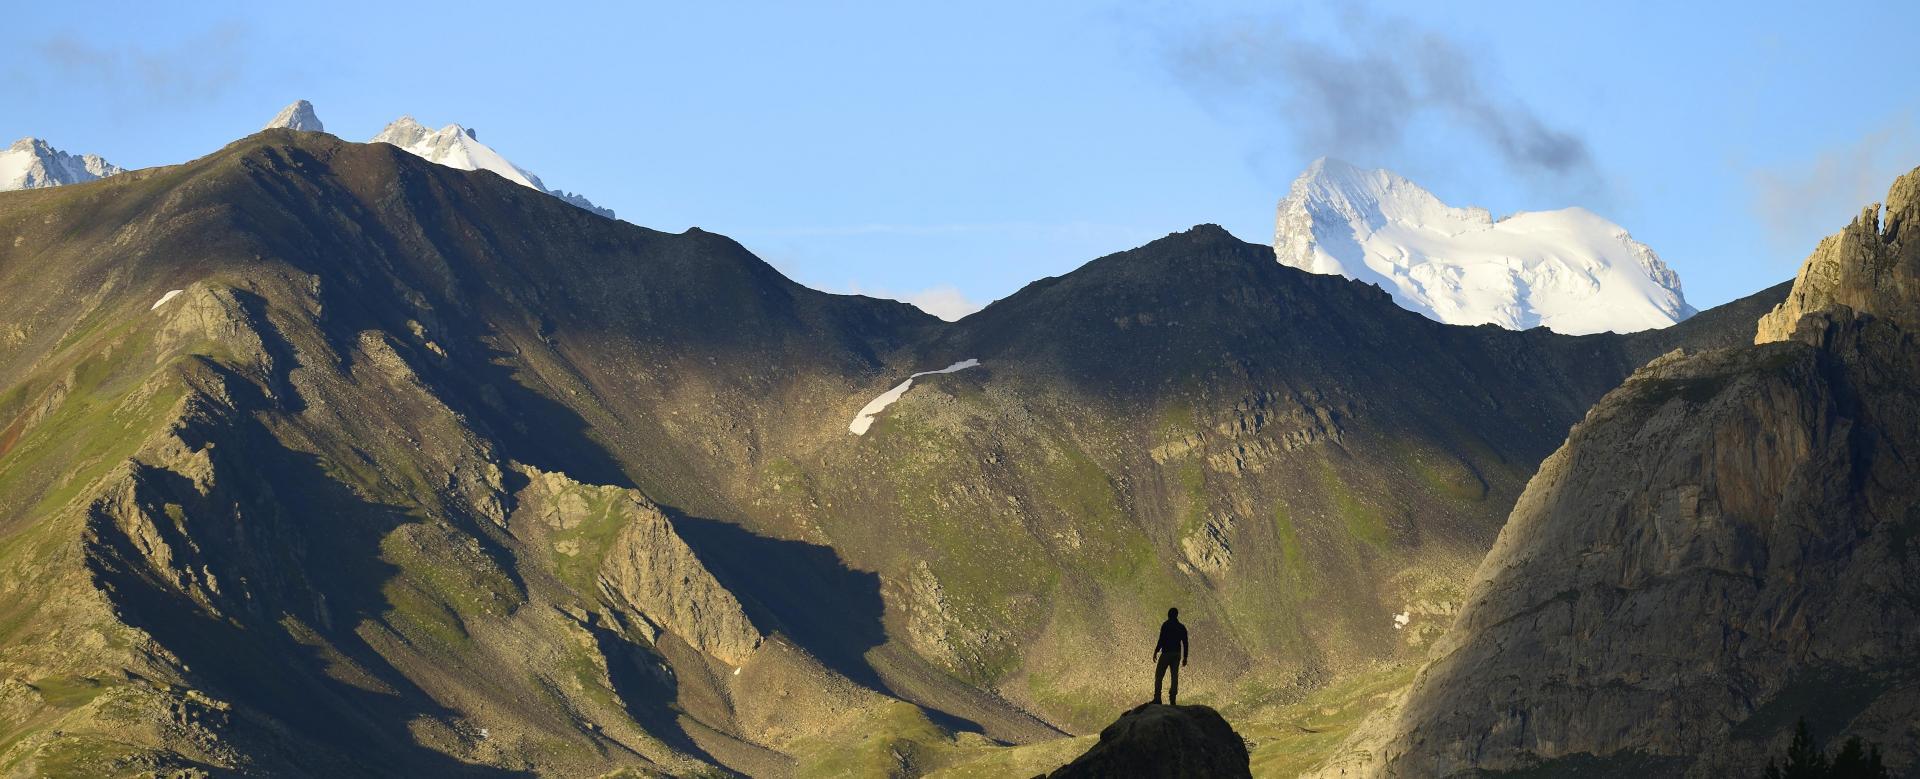 Voyage à pied : Découverte de la vallée de la clarée